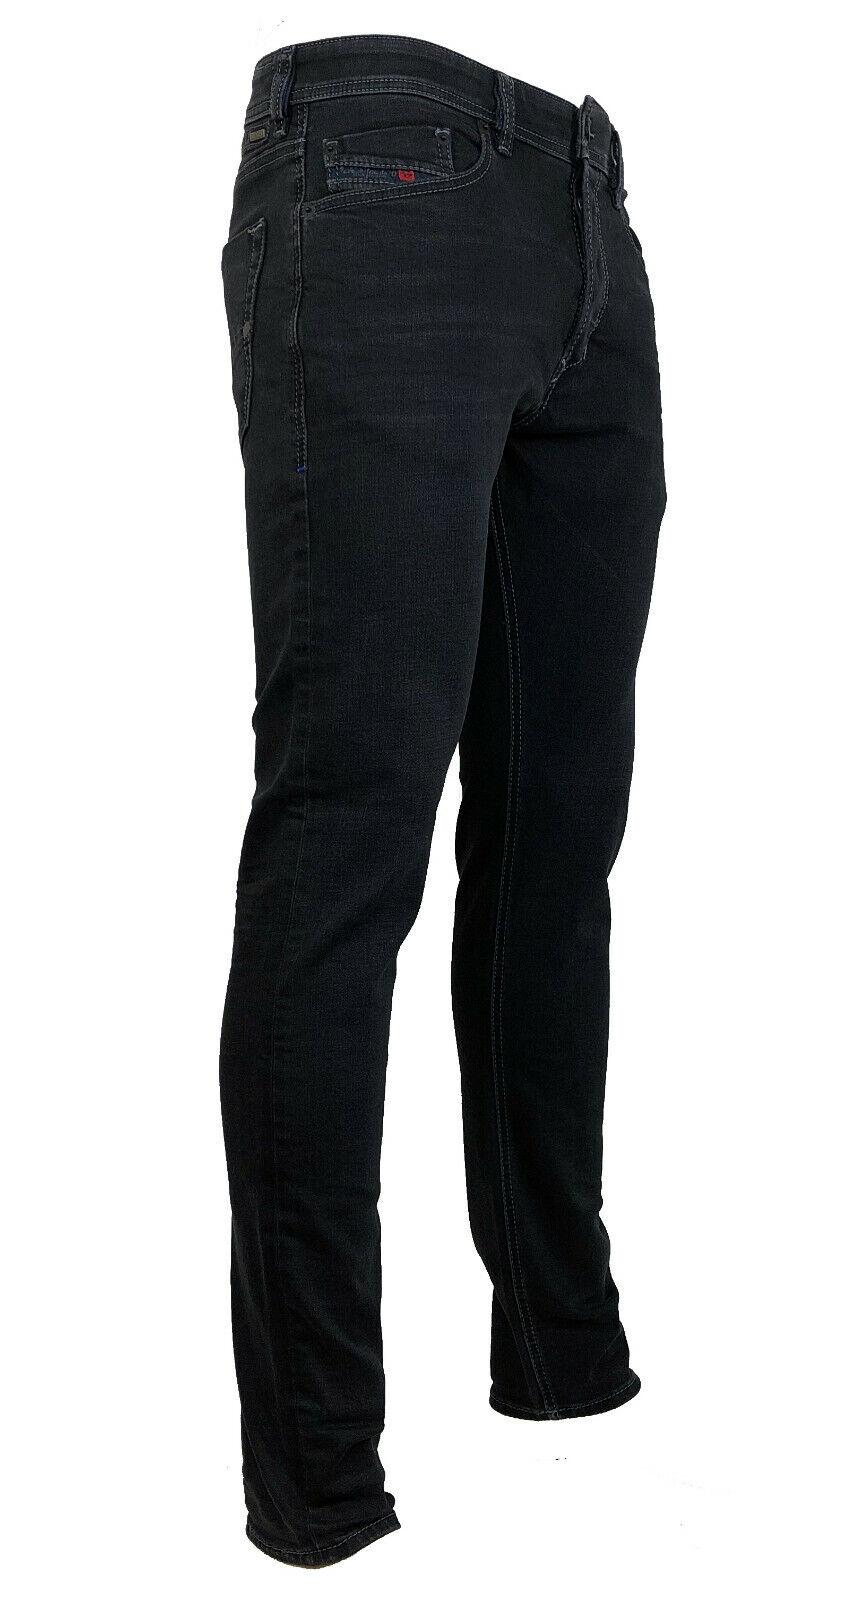 Diesel Herren Stretch Jeans TEPPHAR 084HQ  schwarz  Gr. 30 30 NEU